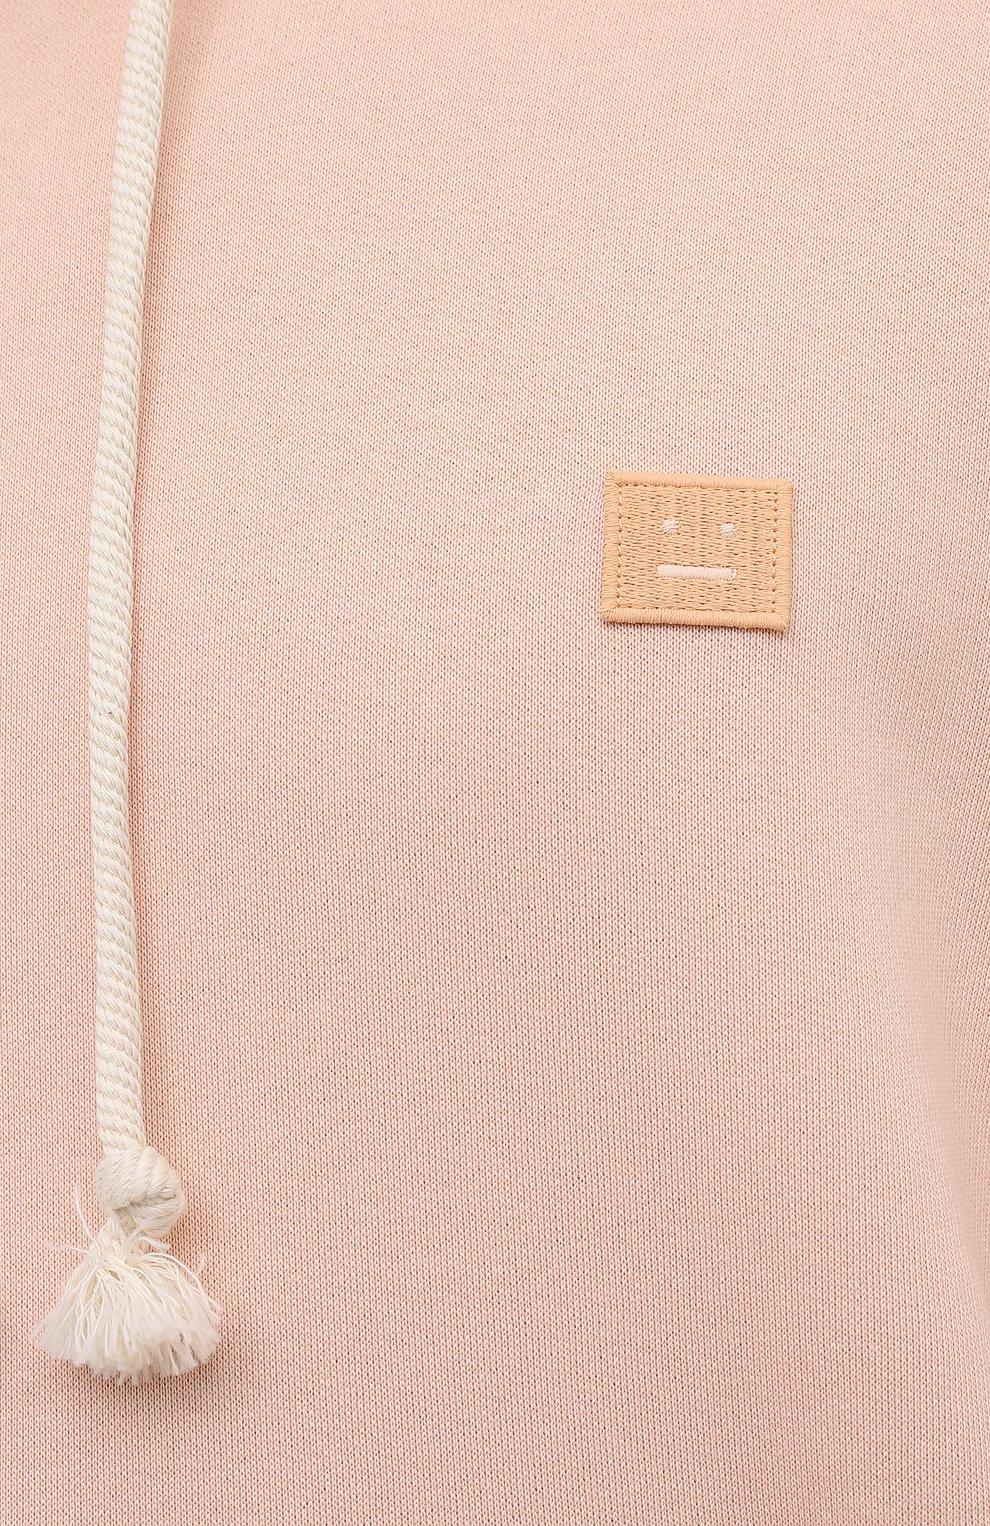 Мужской хлопковое худи ACNE STUDIOS светло-розового цвета, арт. CI0075/M   Фото 5 (Рукава: Длинные; Принт: Без принта; Длина (для топов): Стандартные; Мужское Кросс-КТ: Худи-одежда; Материал внешний: Хлопок; Стили: Спорт-шик)